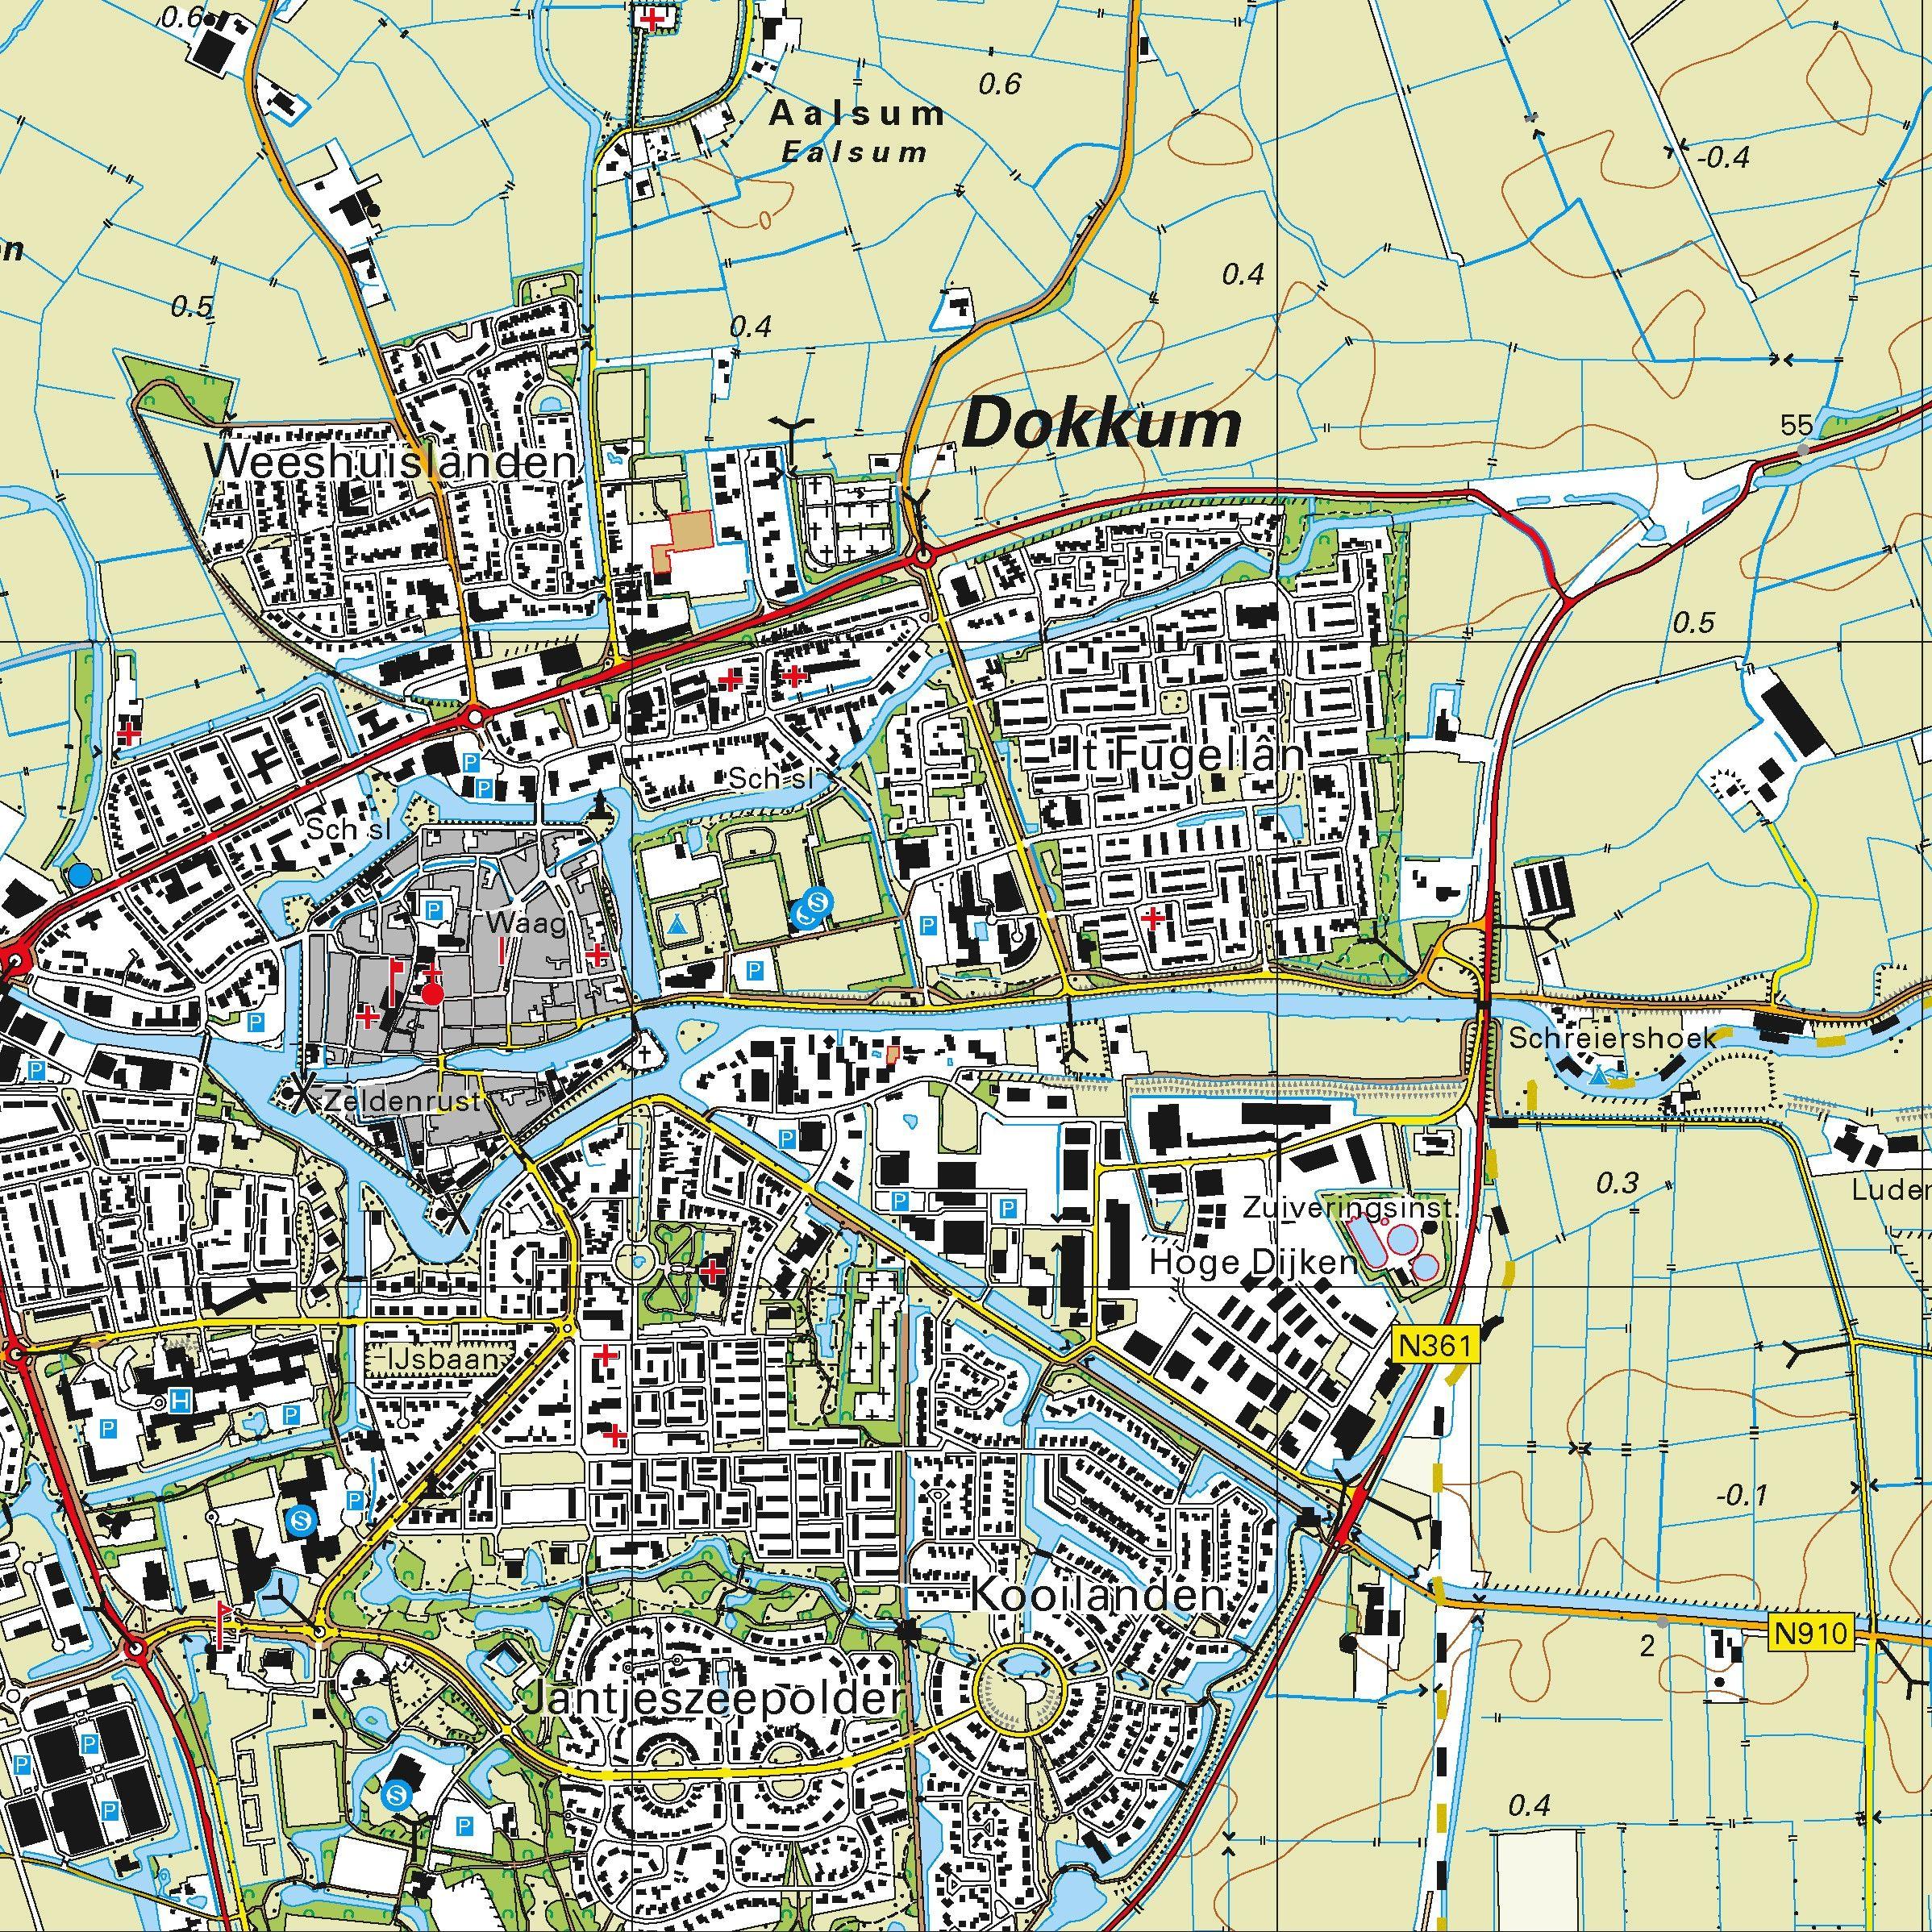 Topografische kaart schaal 1:25.000 (Ameland,  Marrum,  Hallum,  Dokkum,  Damwoude)